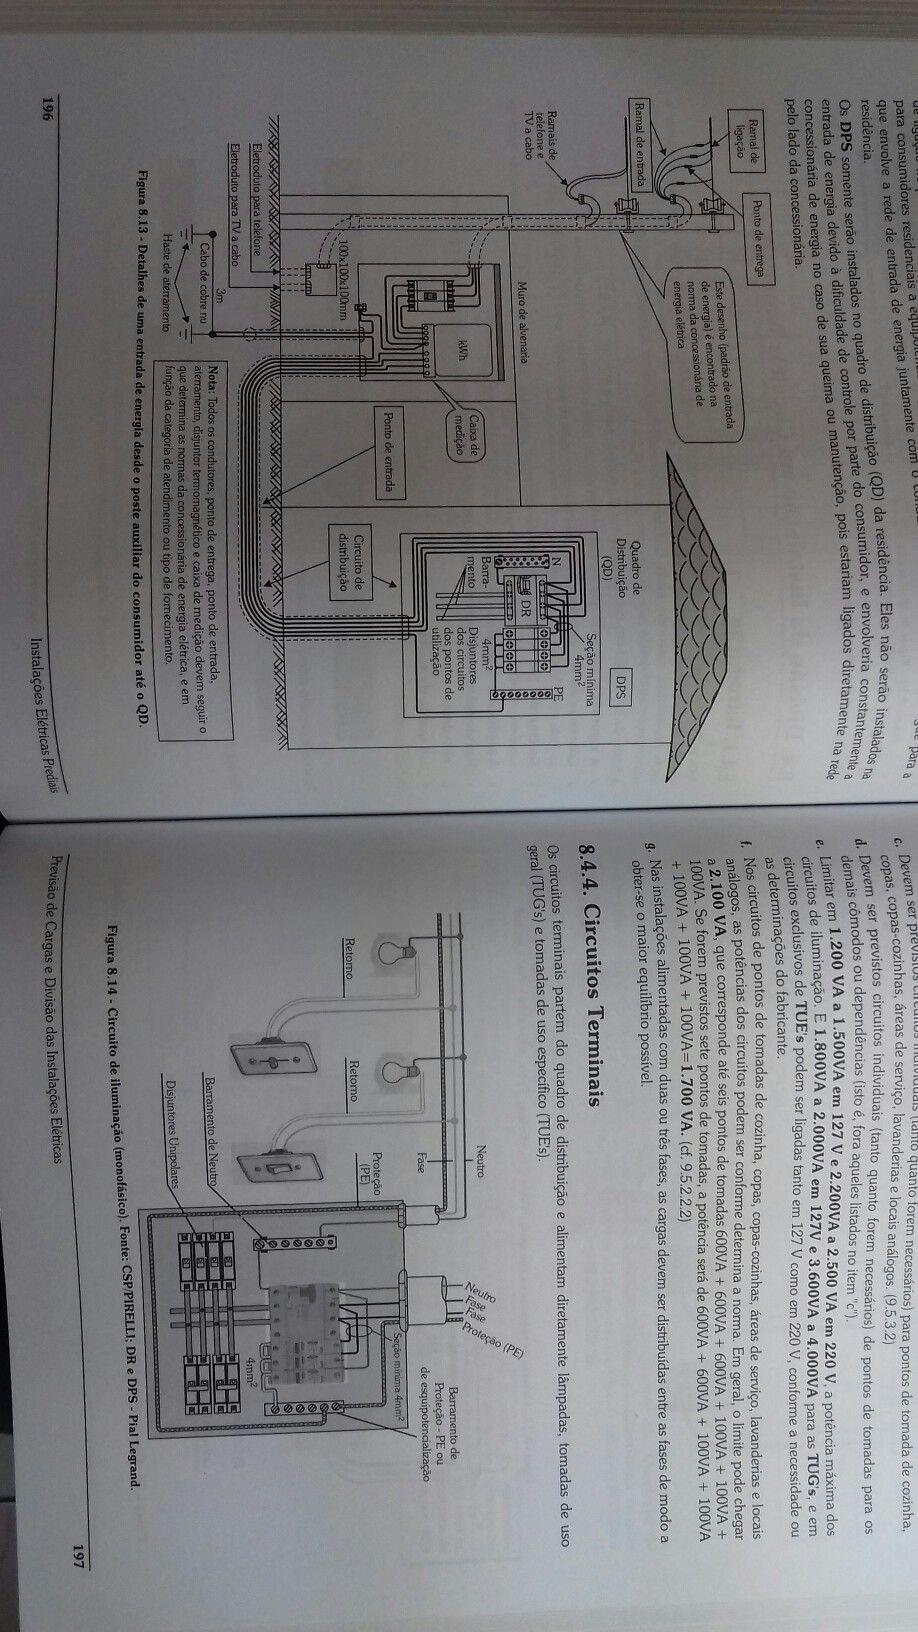 Circuito Eletrico : Circuito elétrico e terminal eletricista